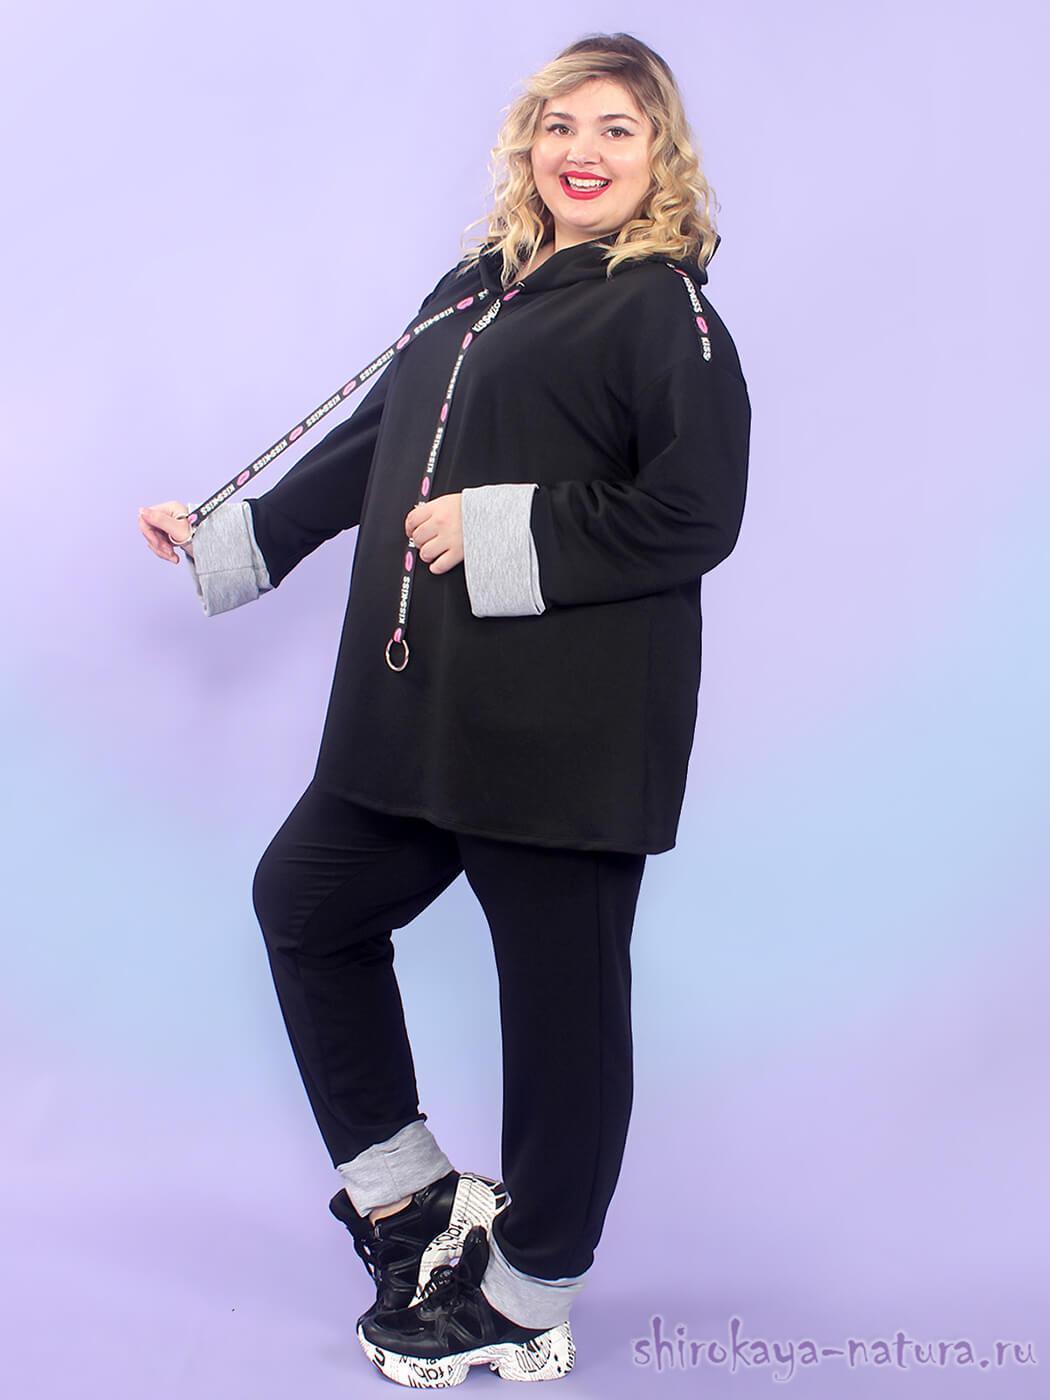 спортивные костюмы женские больших размеров москва